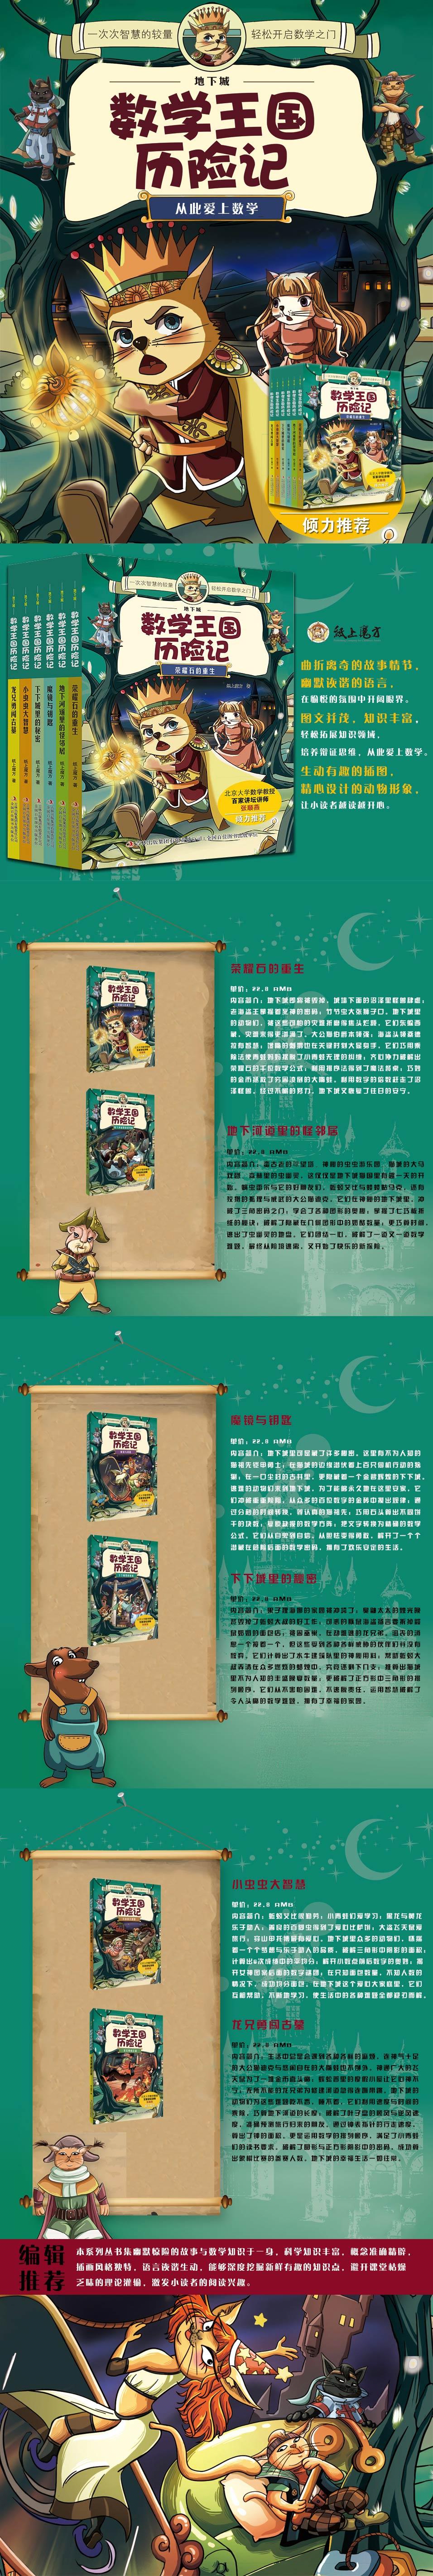 地下城数学王国历险记(1).jpg